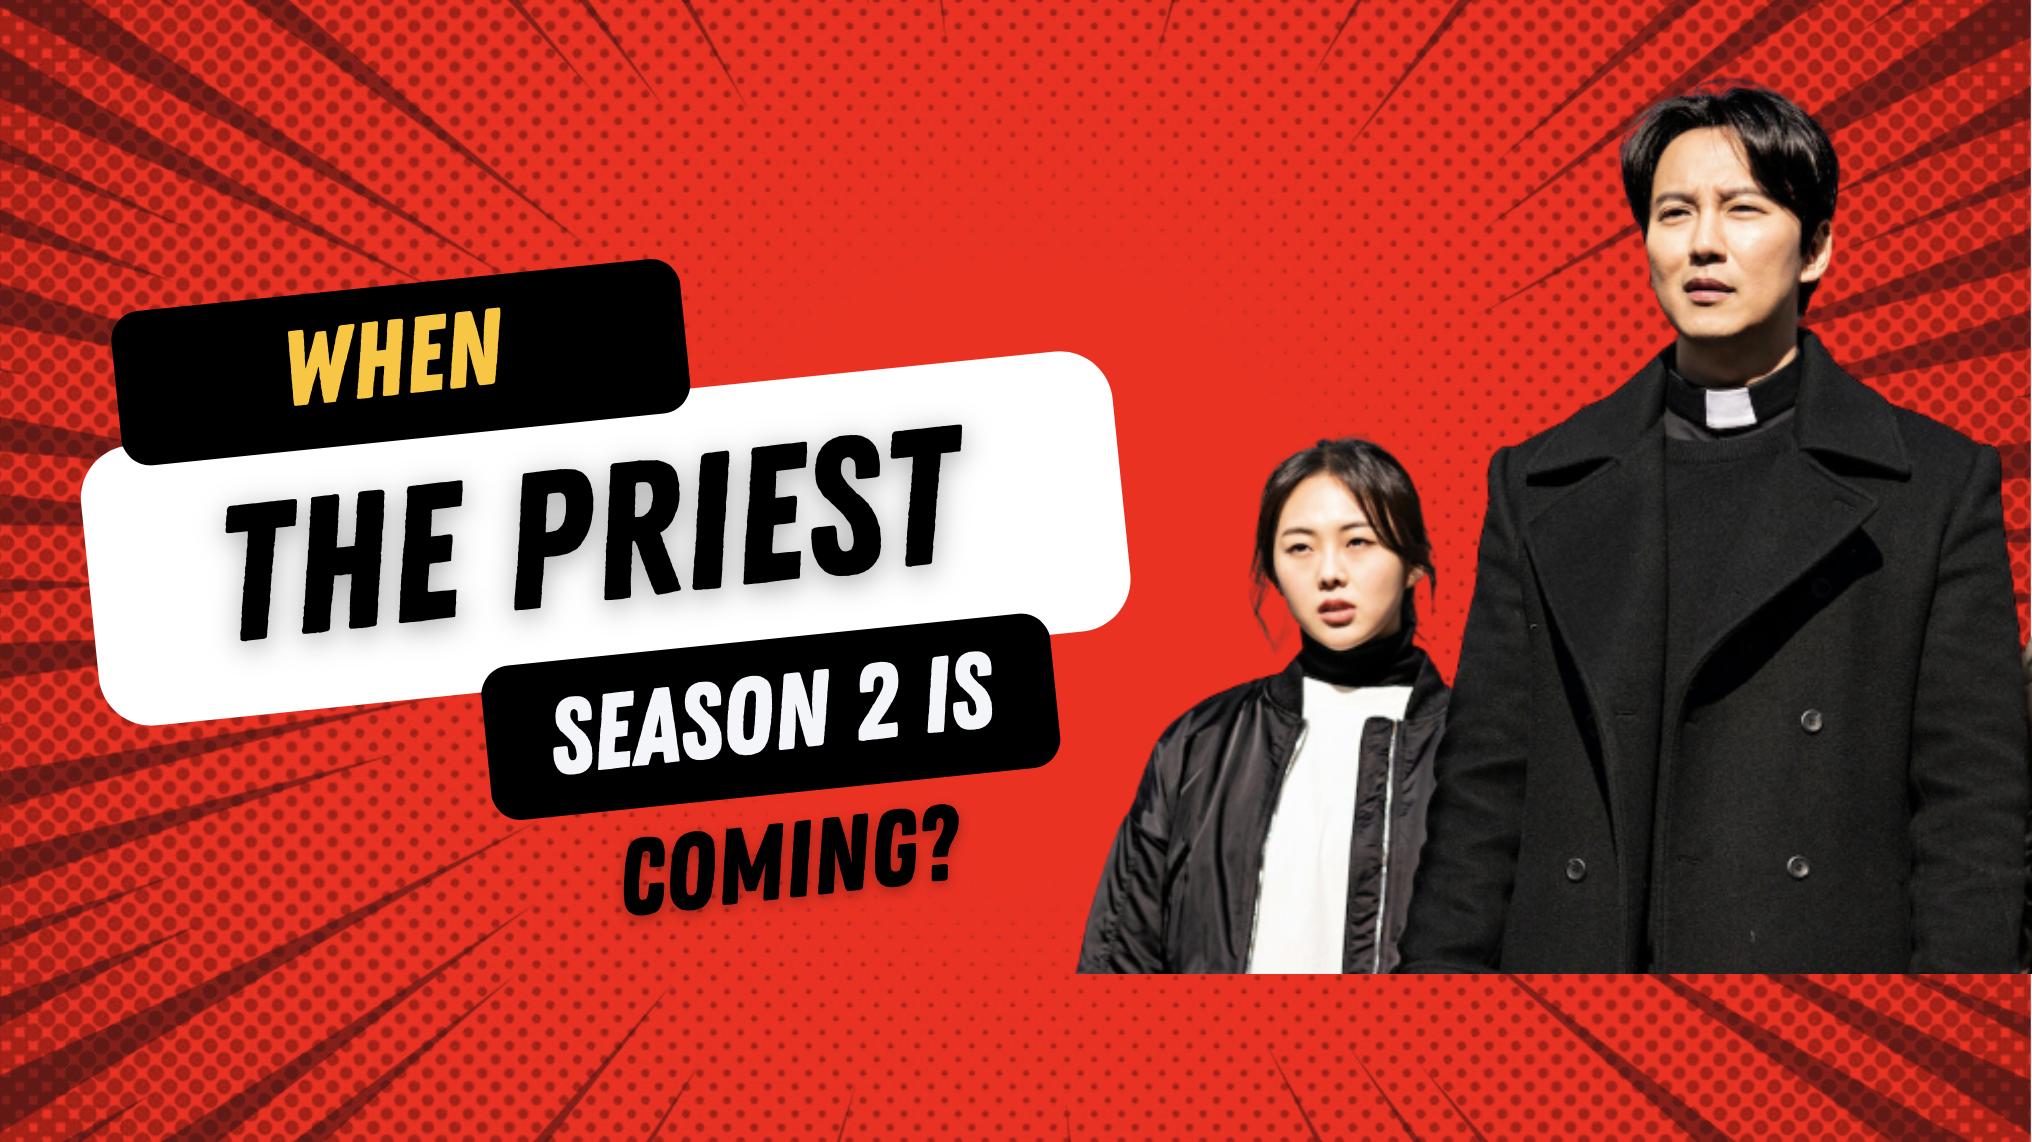 The Fiery Priest Season 2